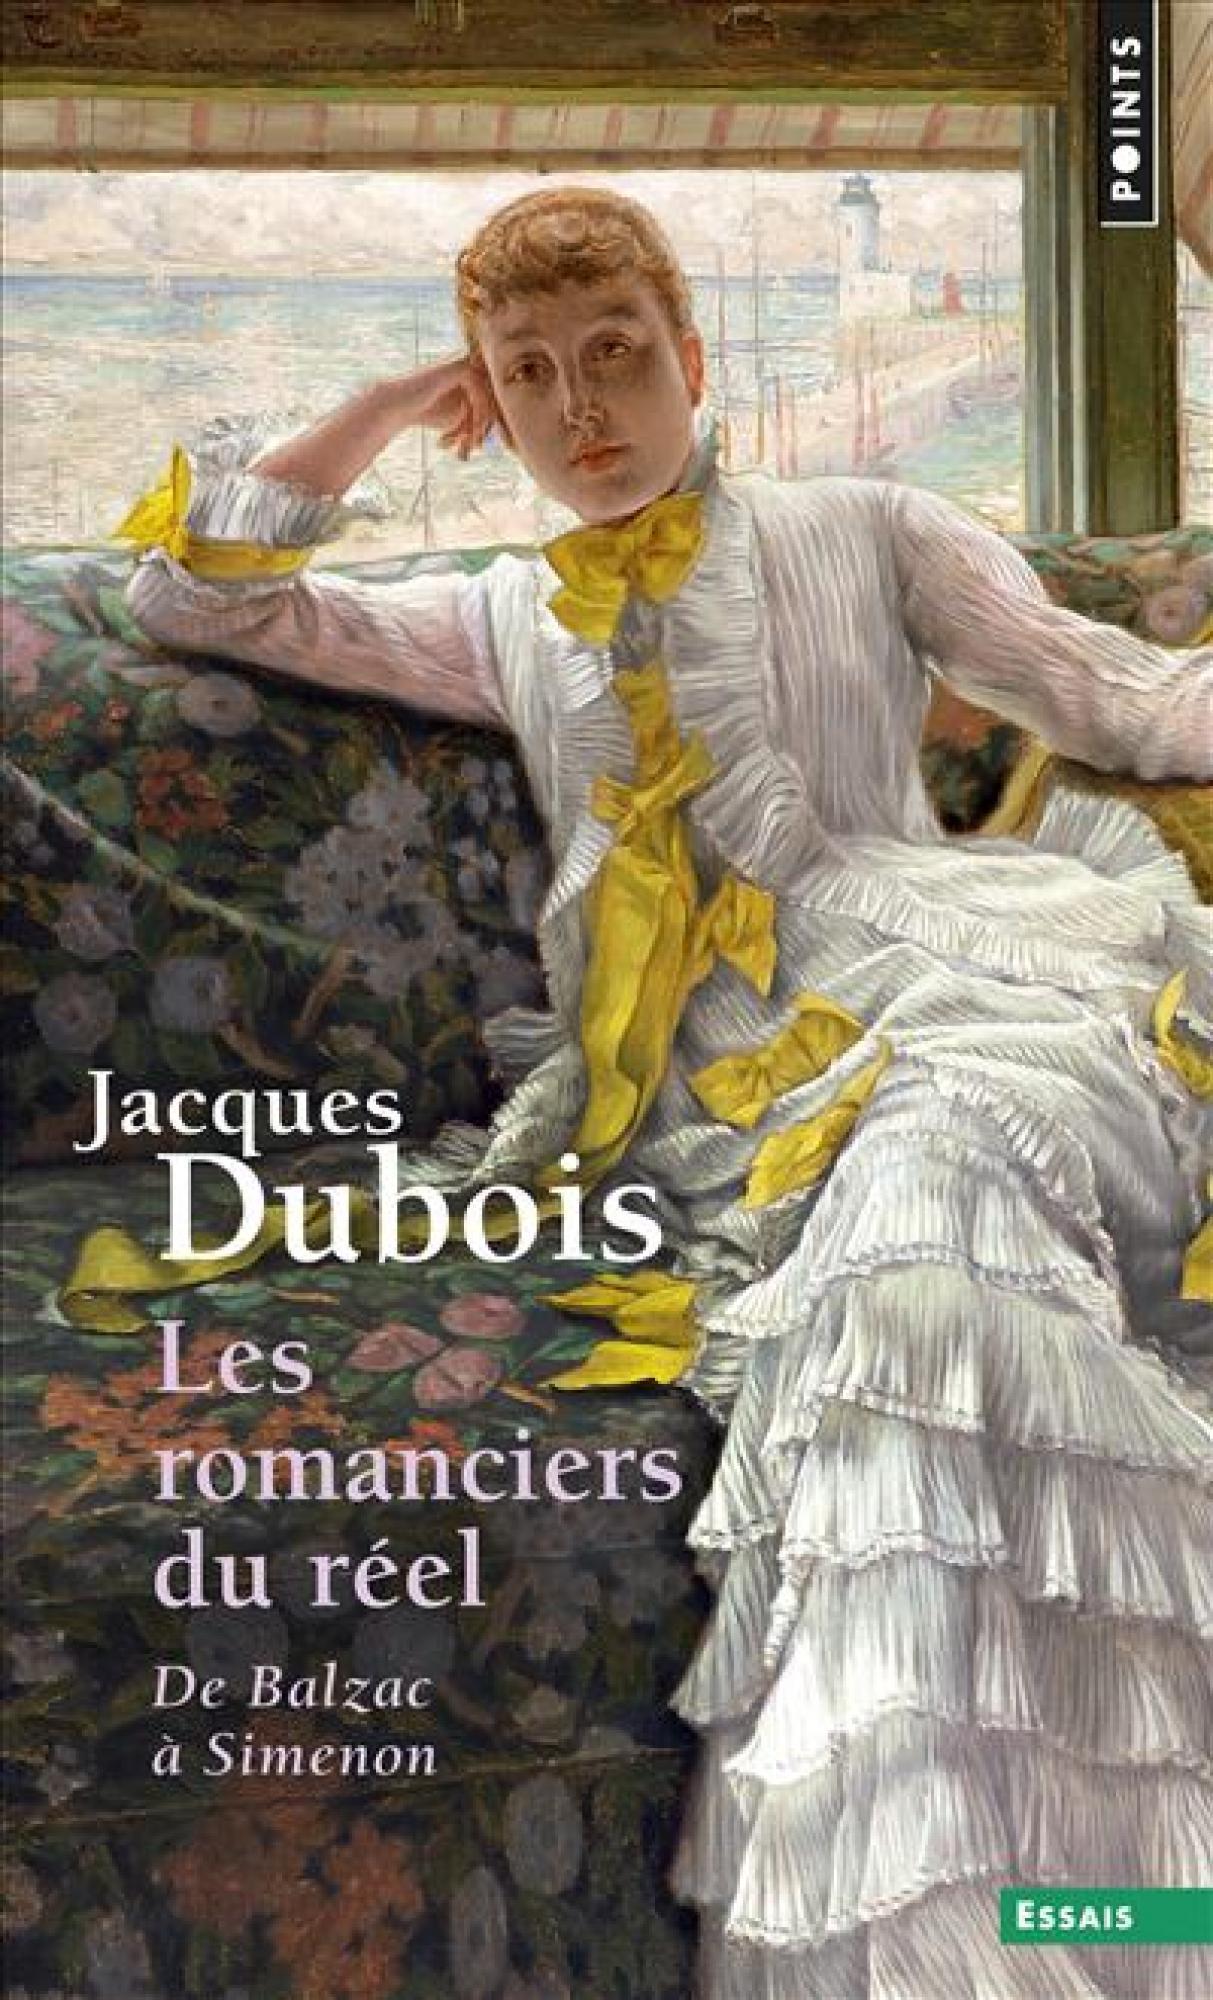 J. Dubois, Les Romanciers du réel. De Balzac à Simenon (rééd.)